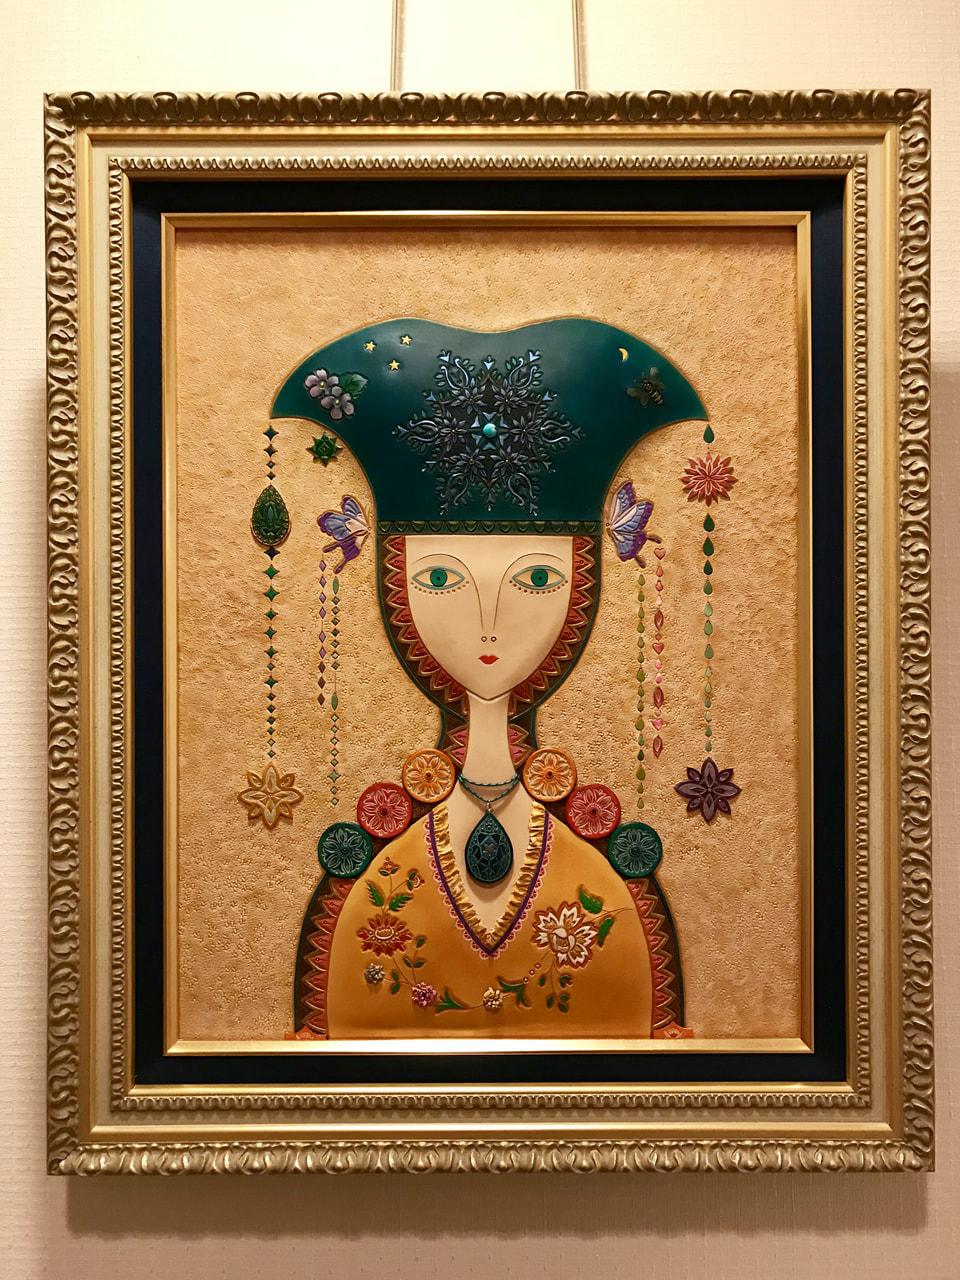 革絵『月姫』第35回日本革工芸展入選作品